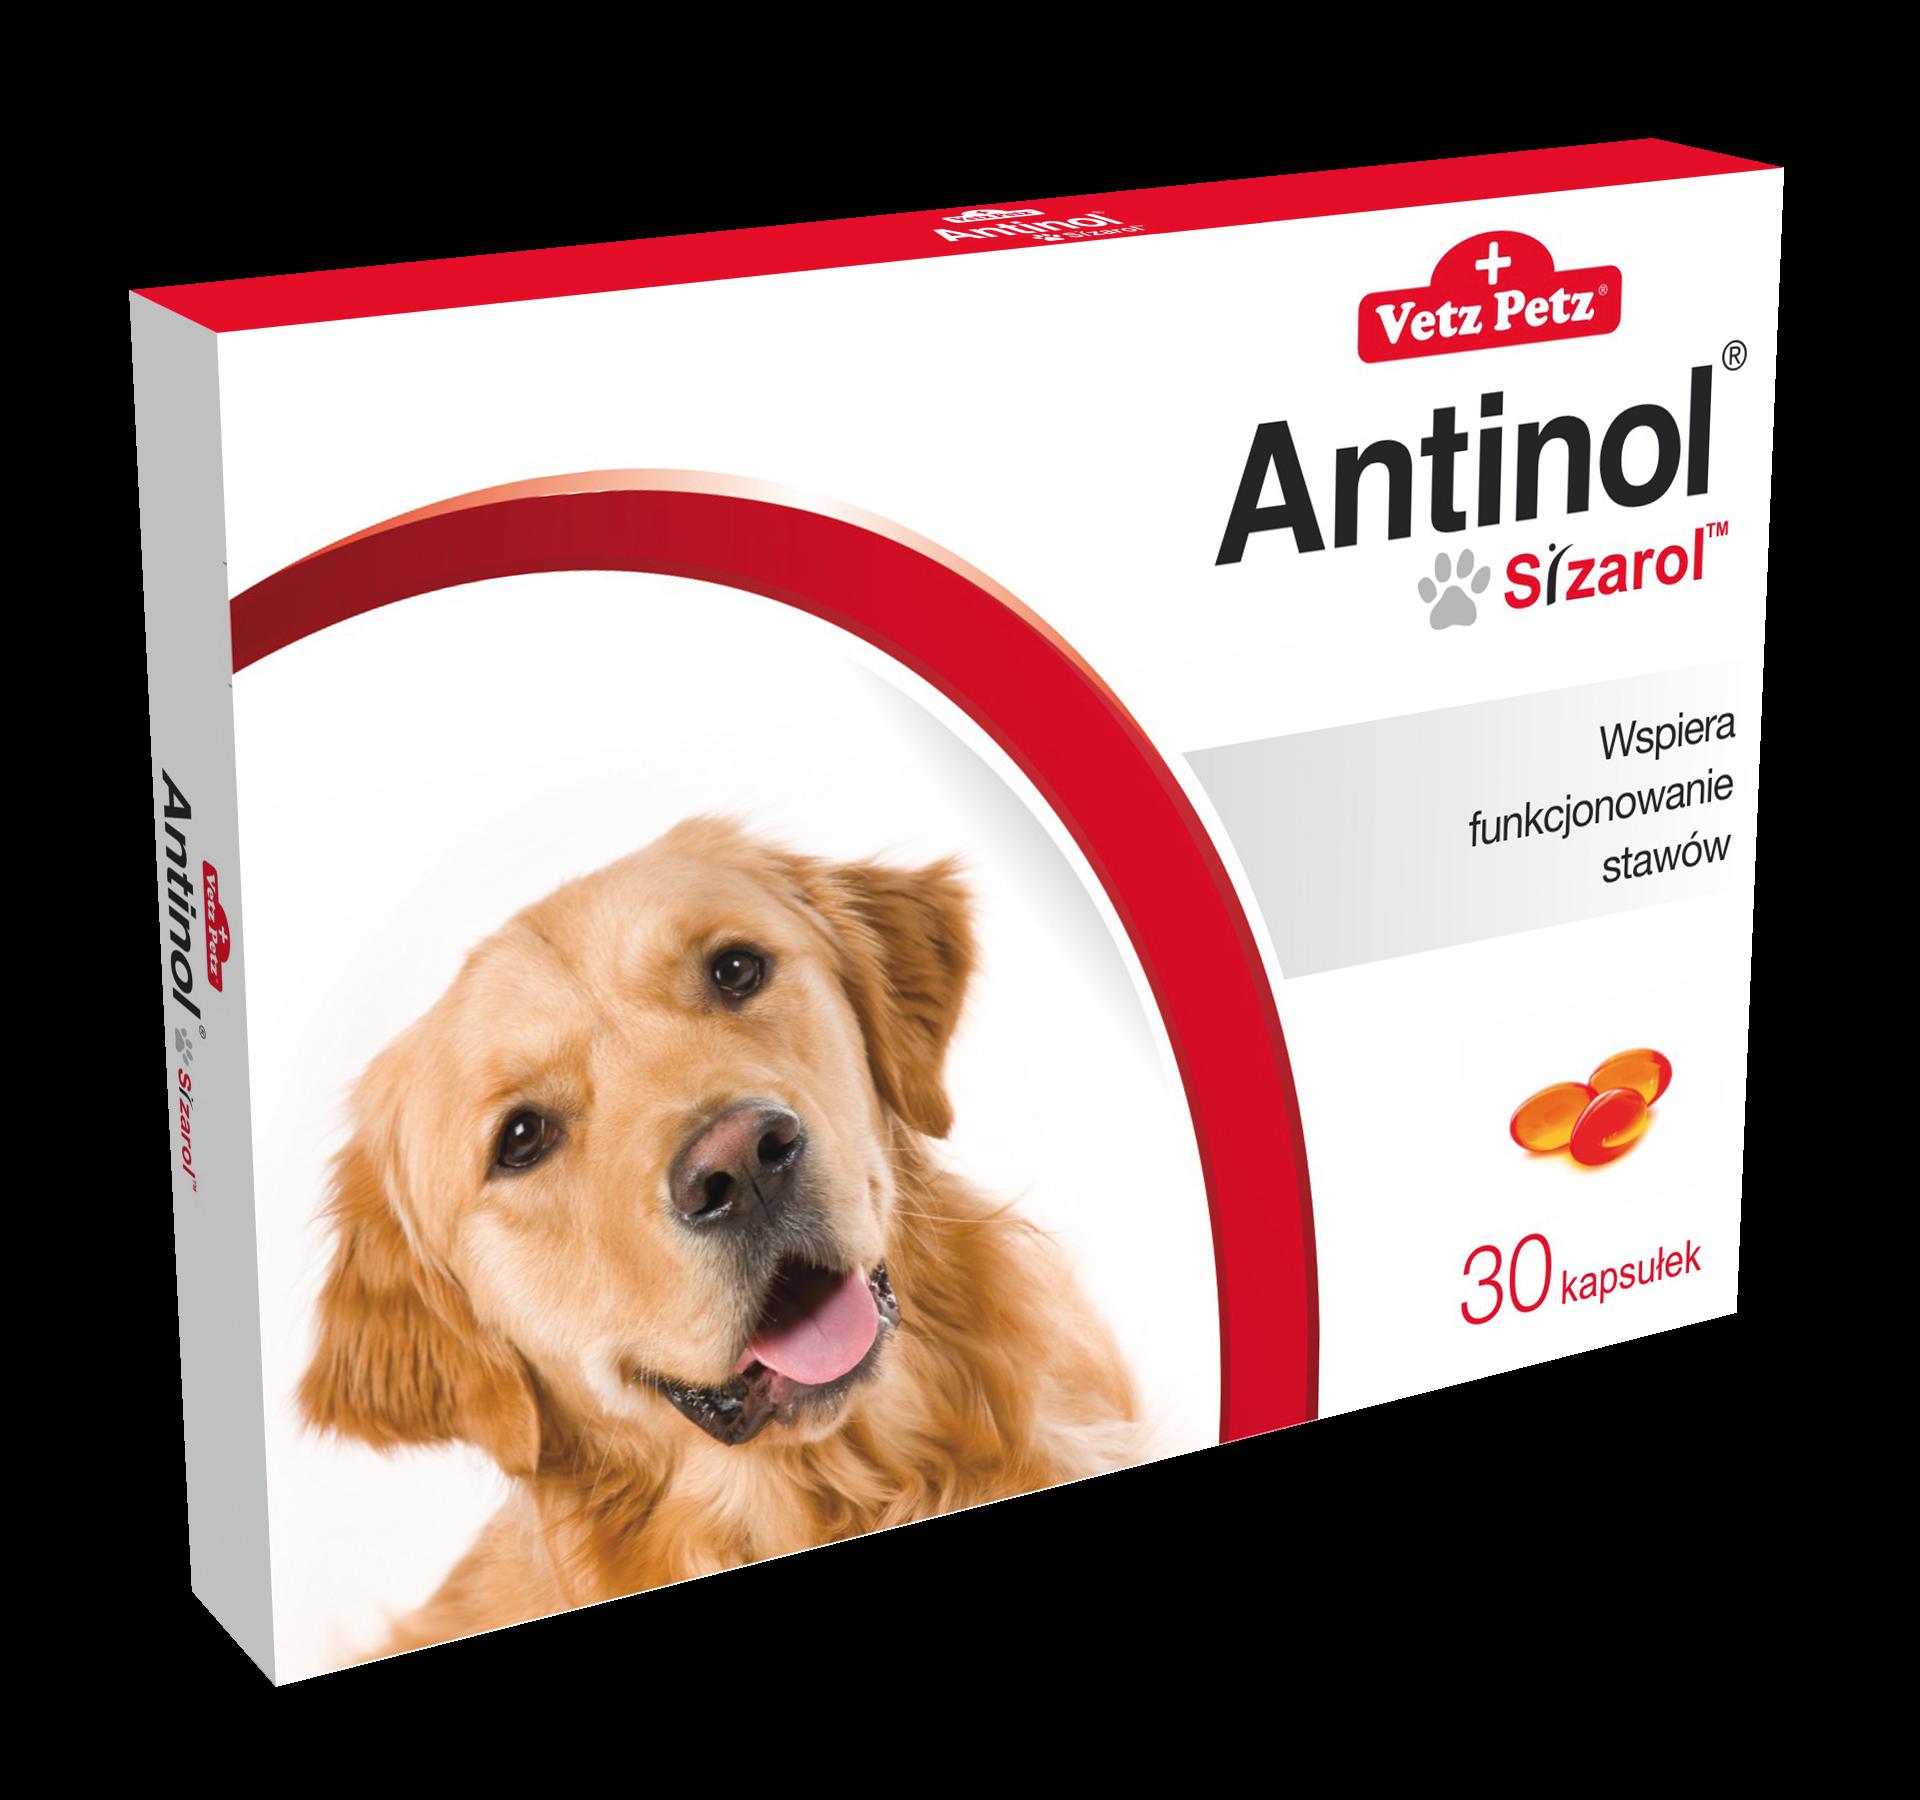 Antinol® Sizarol™ Pies 30 kapsułek